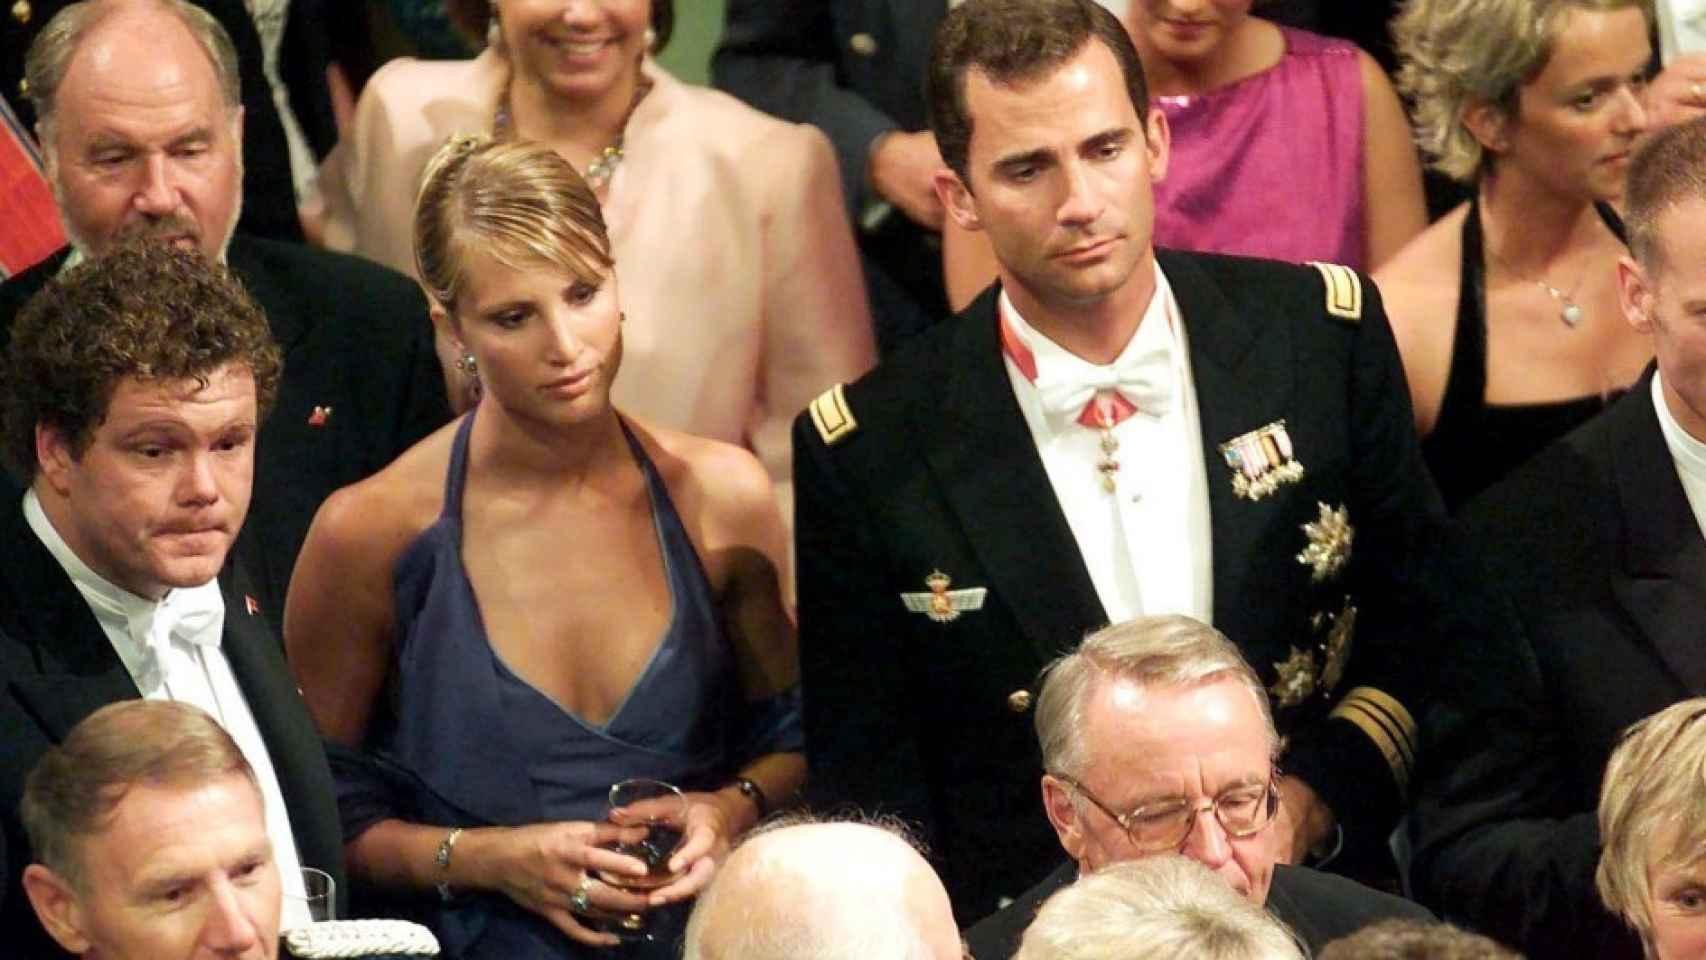 El entonces príncipe Felipe y Eva Sannum, en la boda de Haakon y Mette Marit.